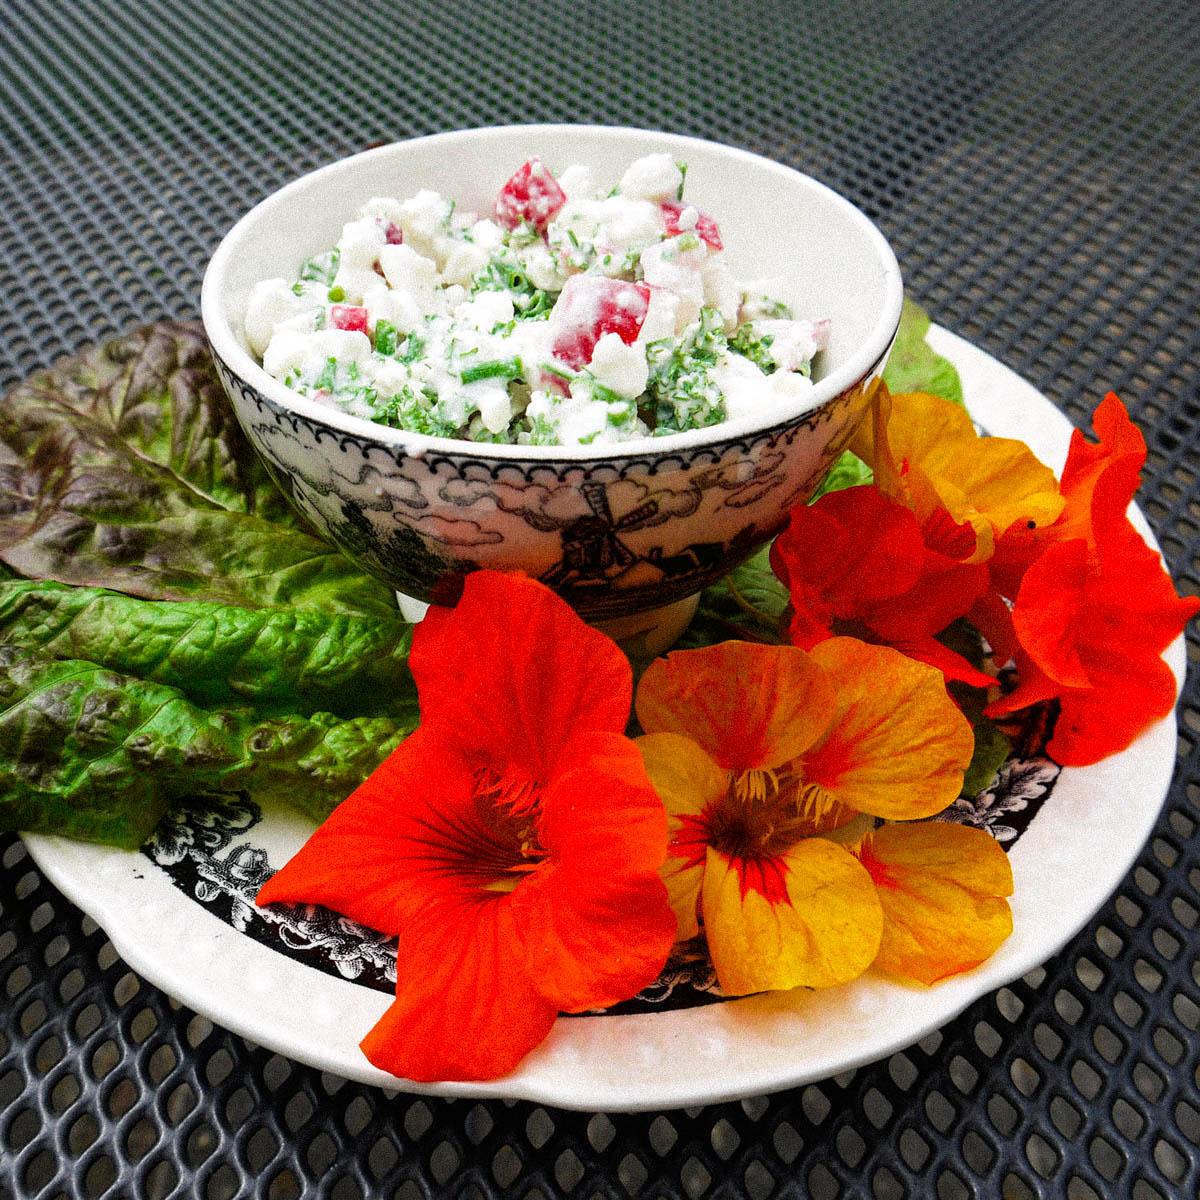 Salade opkleuren met bloemen van de Oost-Indische kers